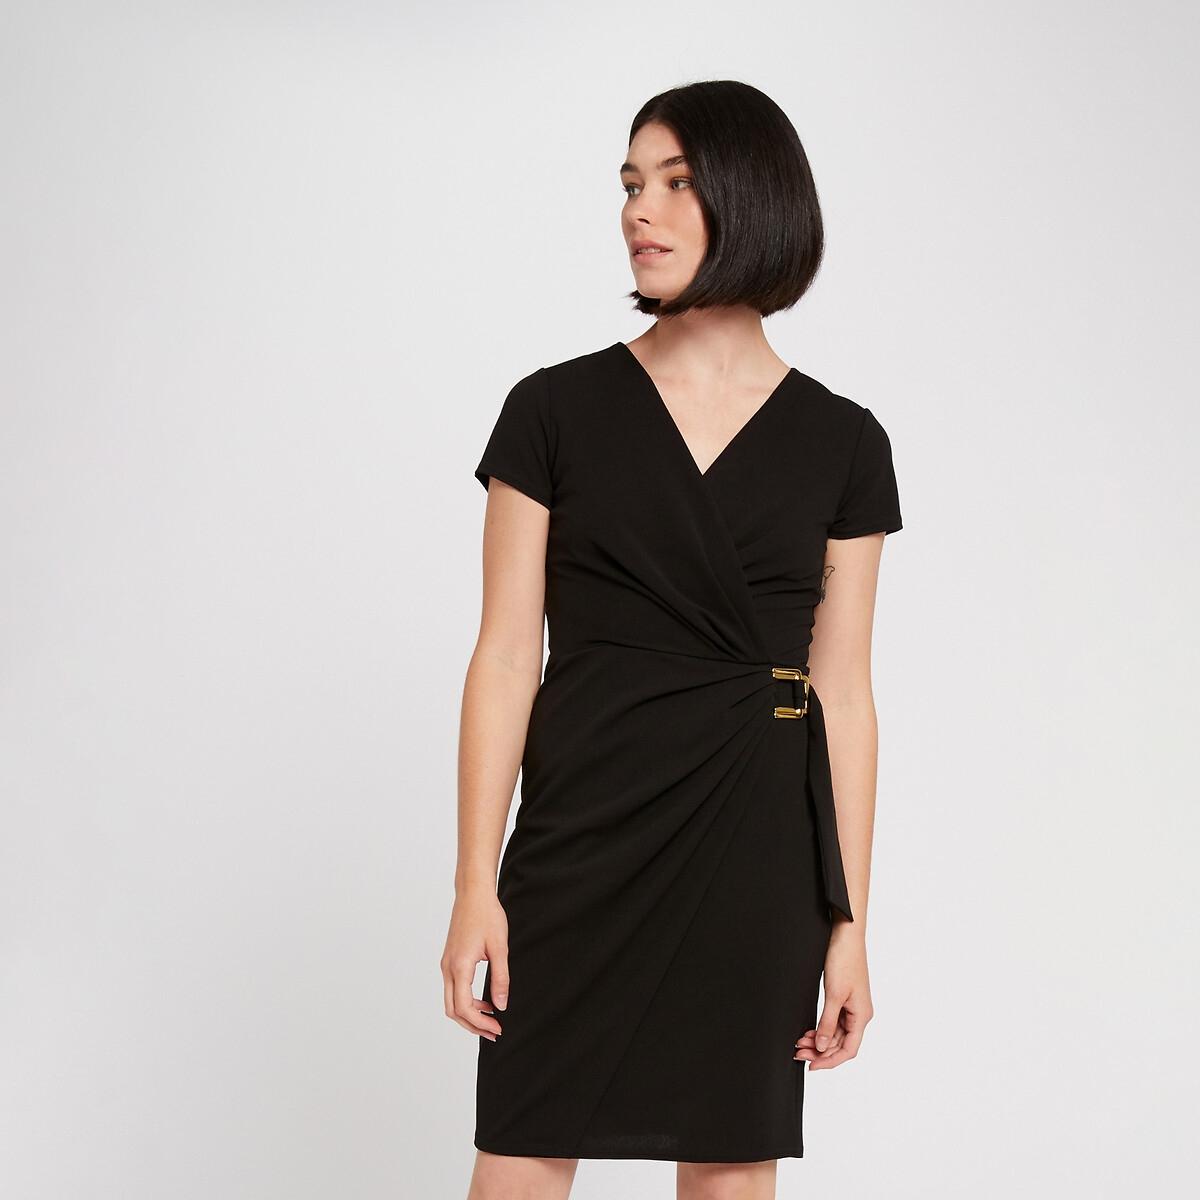 Фото - Платье LaRedoute С запахом укороченное с ремешком 36 (FR) - 42 (RUS) черный платье laredoute с запахом с рисунком 34 fr 40 rus синий